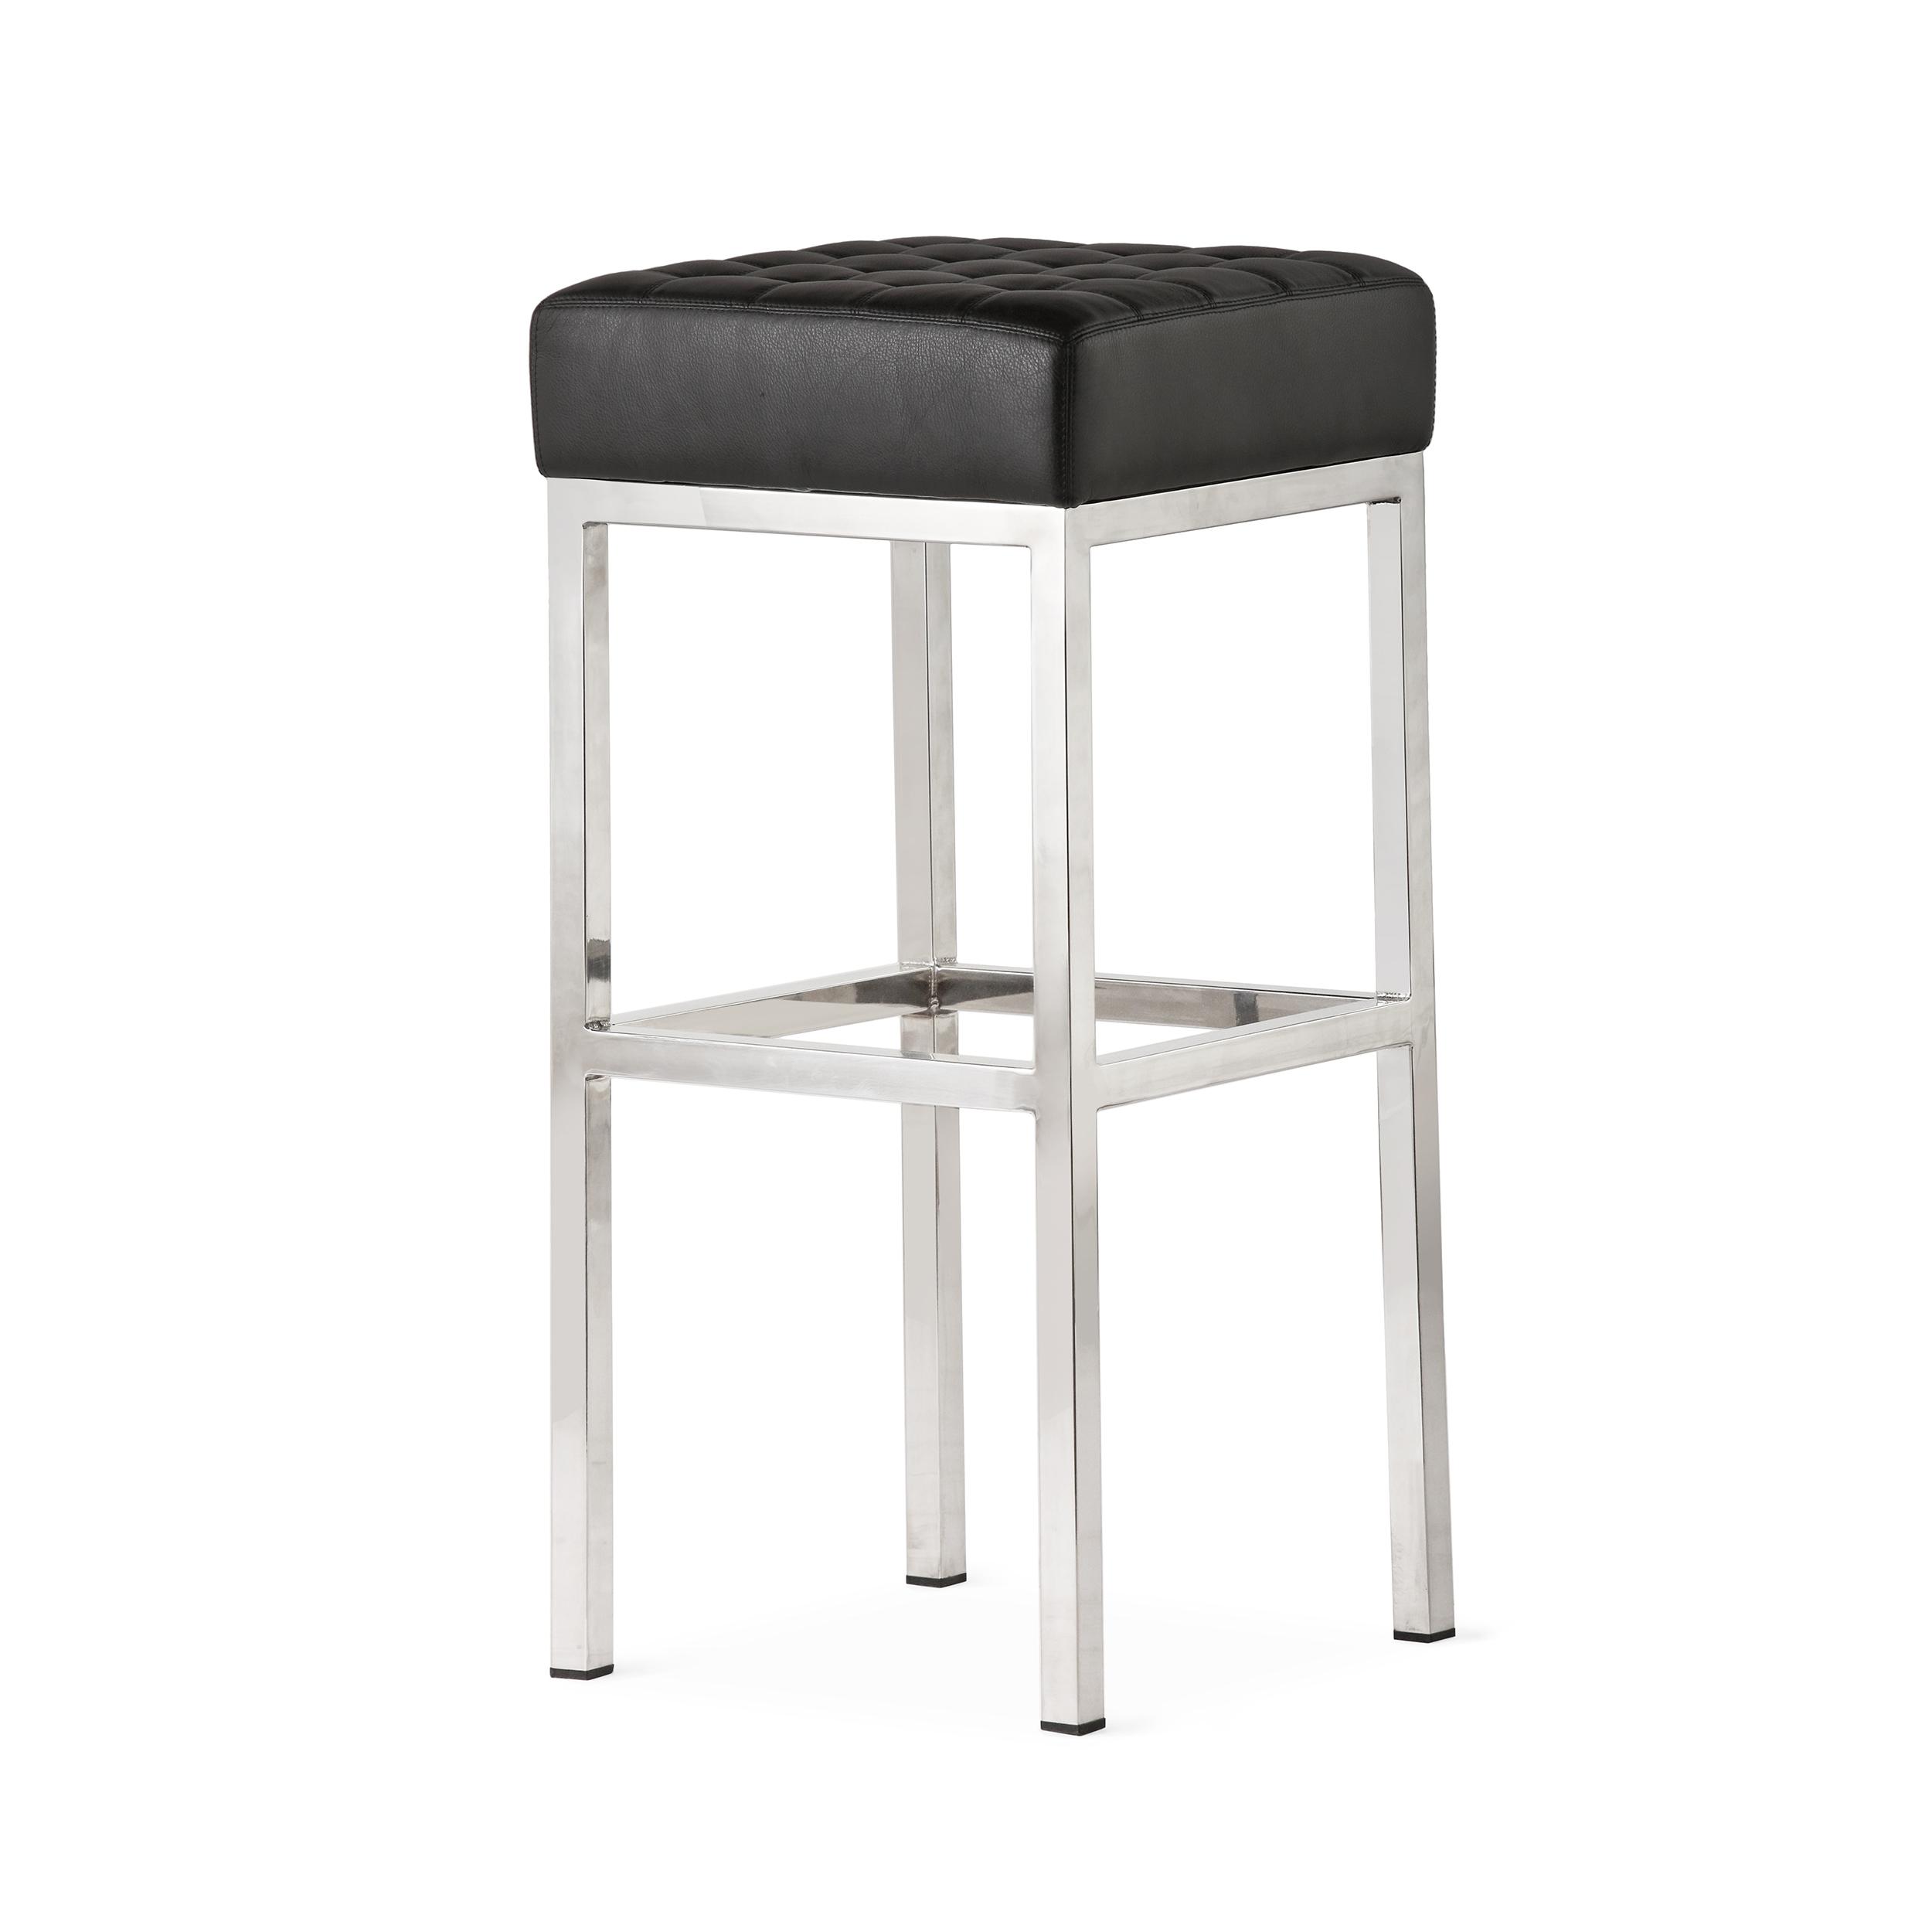 Барный стул Cosmo Quadro 9574, хром/черный